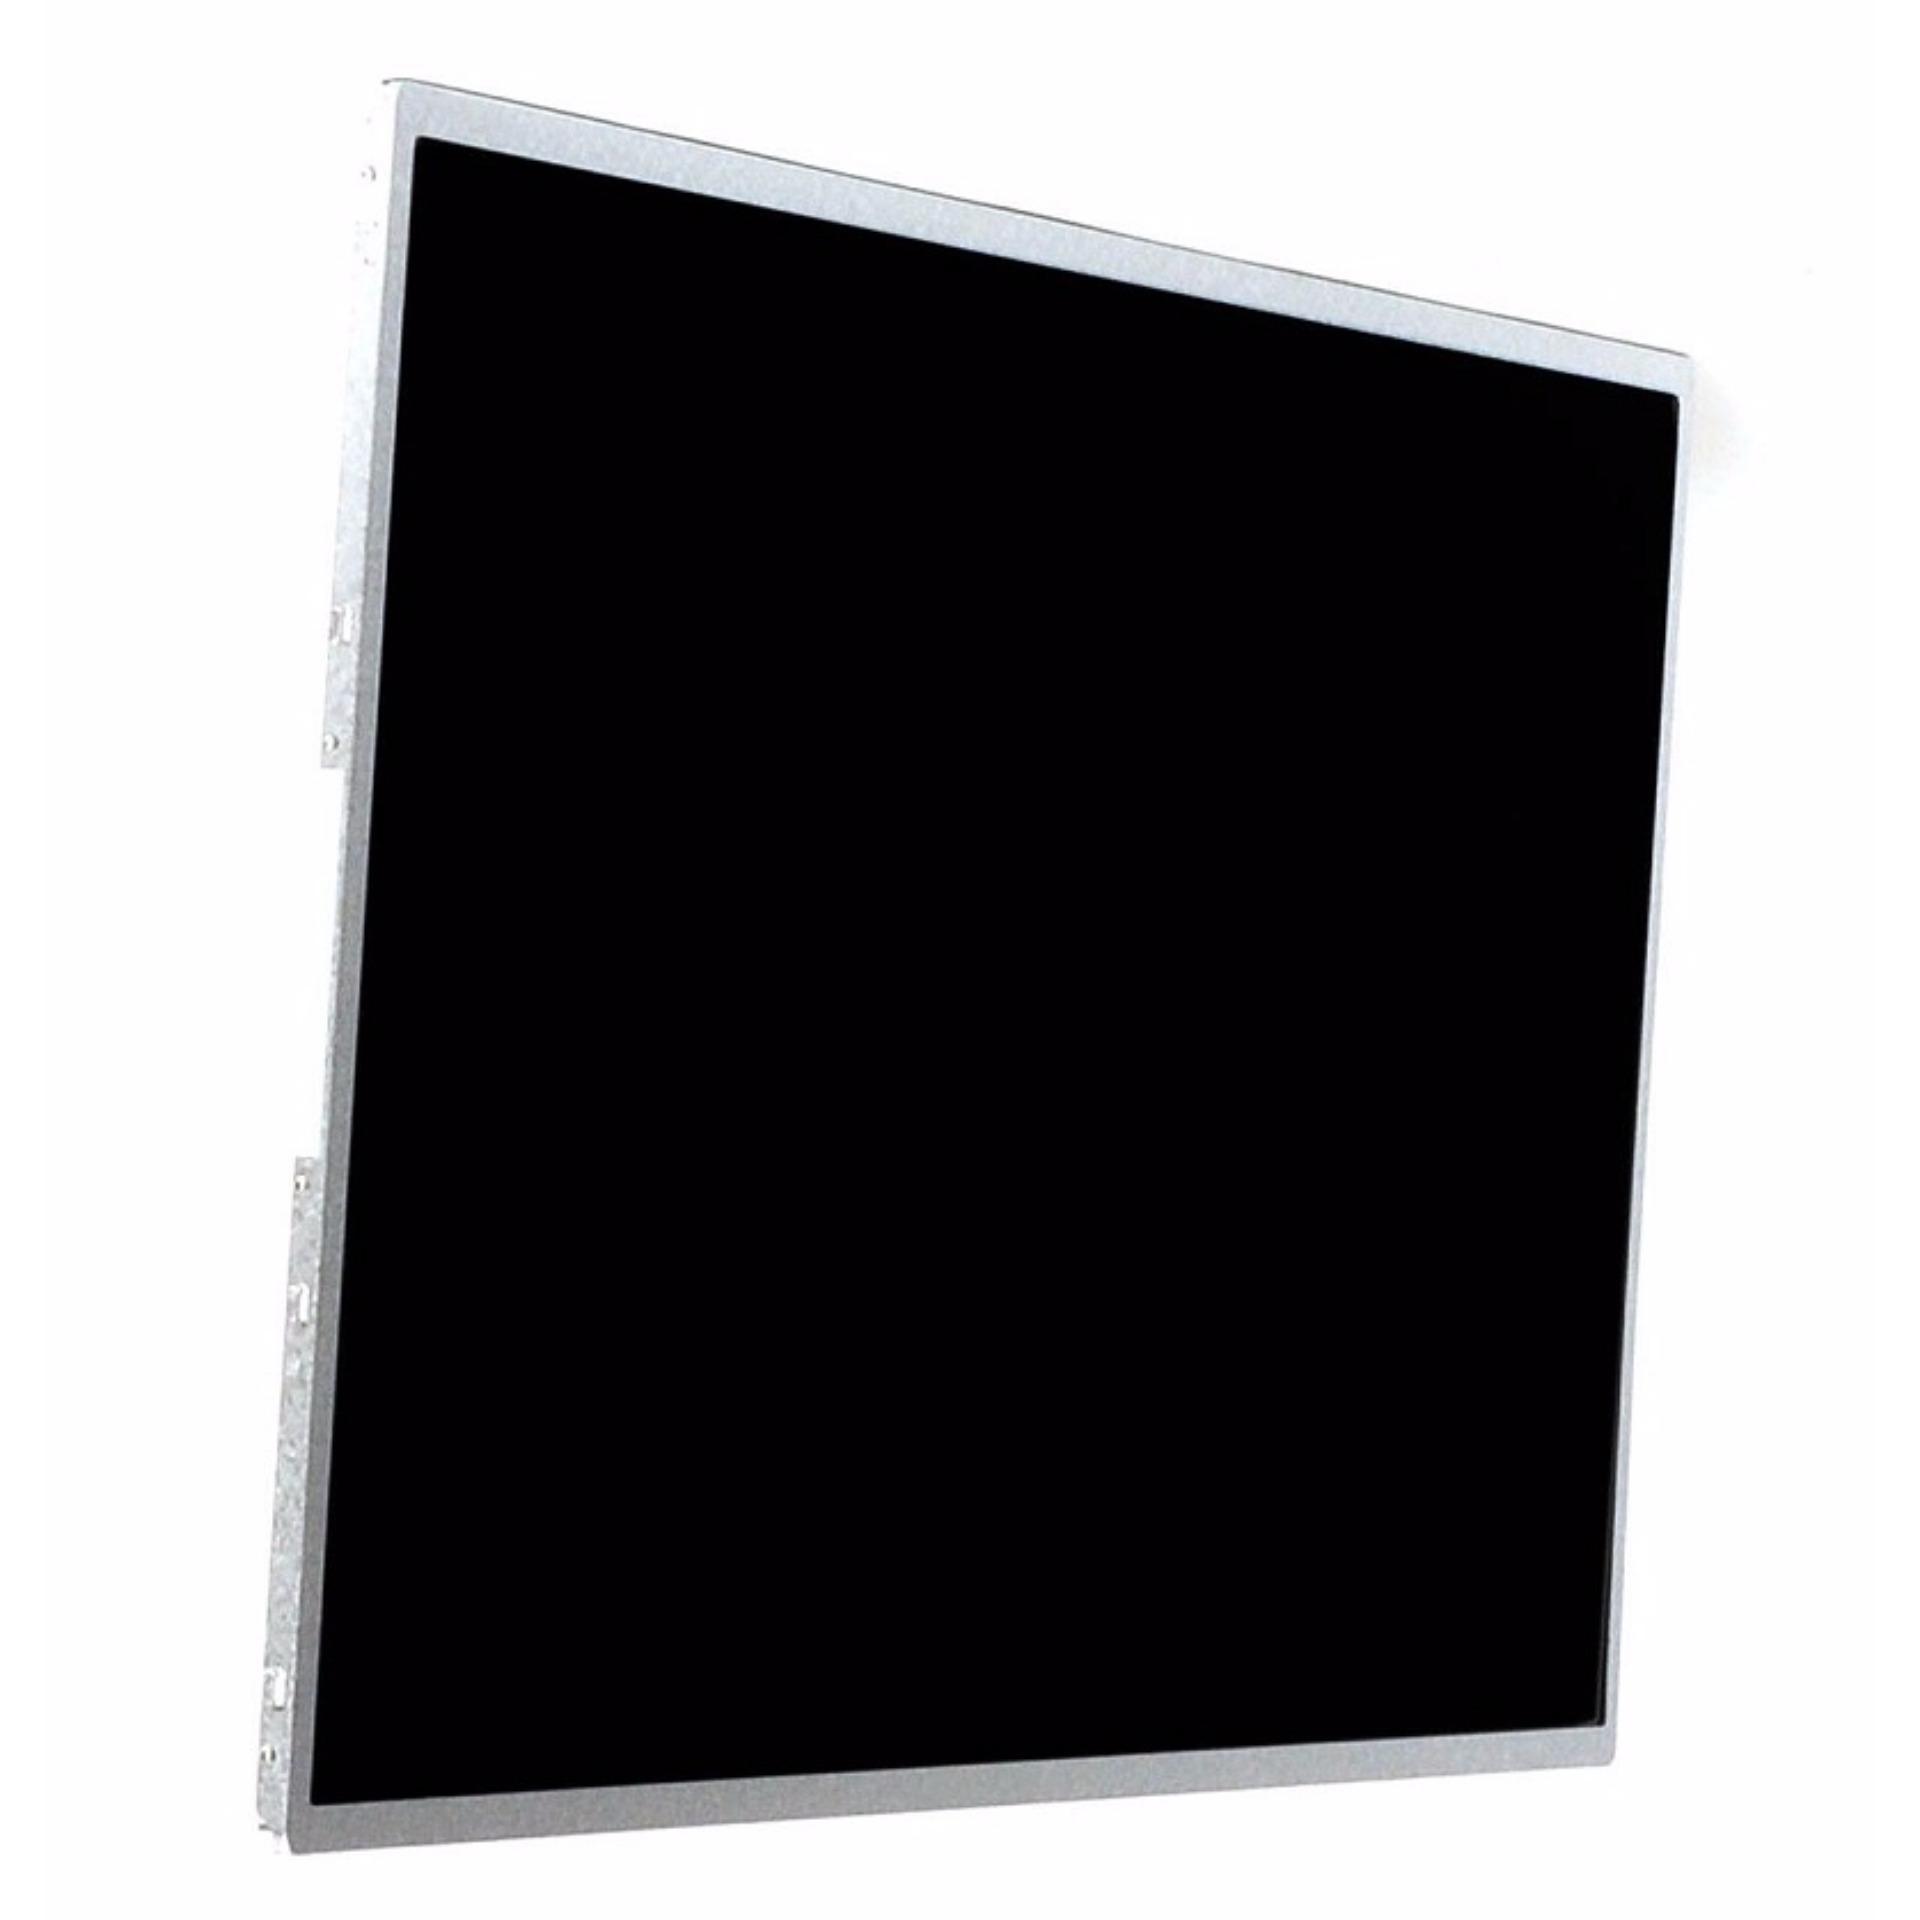 Màn Hình Laptop 15.6 inch LED Dày 40 pin 1366 x 768 px Thay Thế Cho Dell, HP, Acer, Asus,...